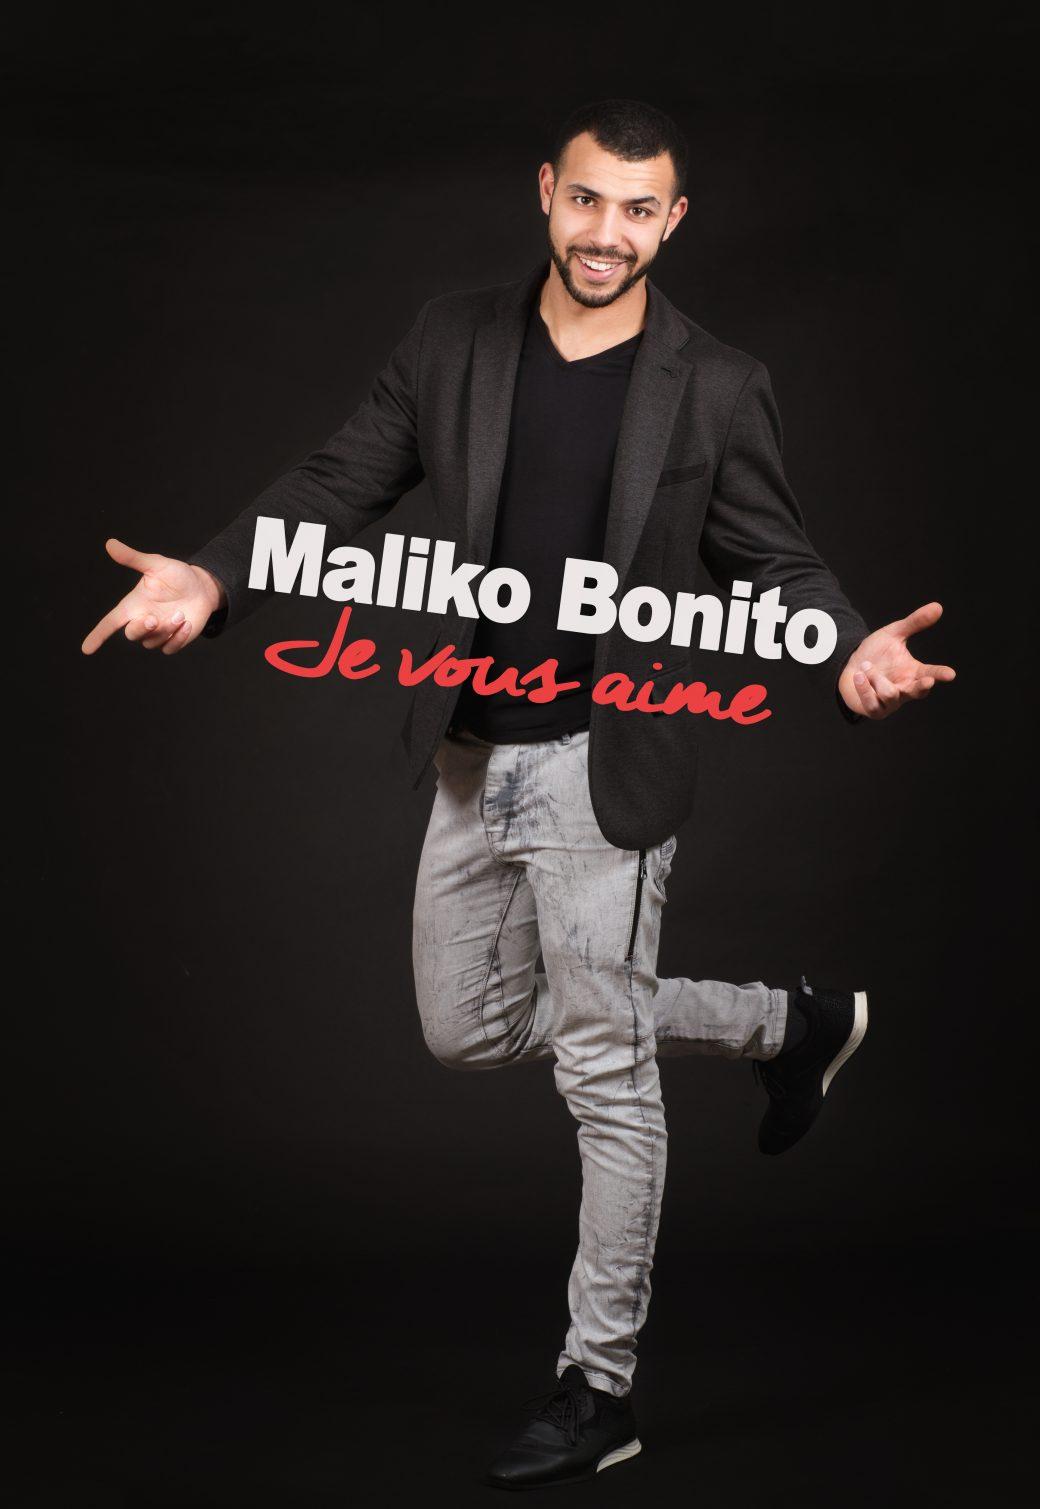 Maliko Bonito, Malik, Malik Fares, je vous aime